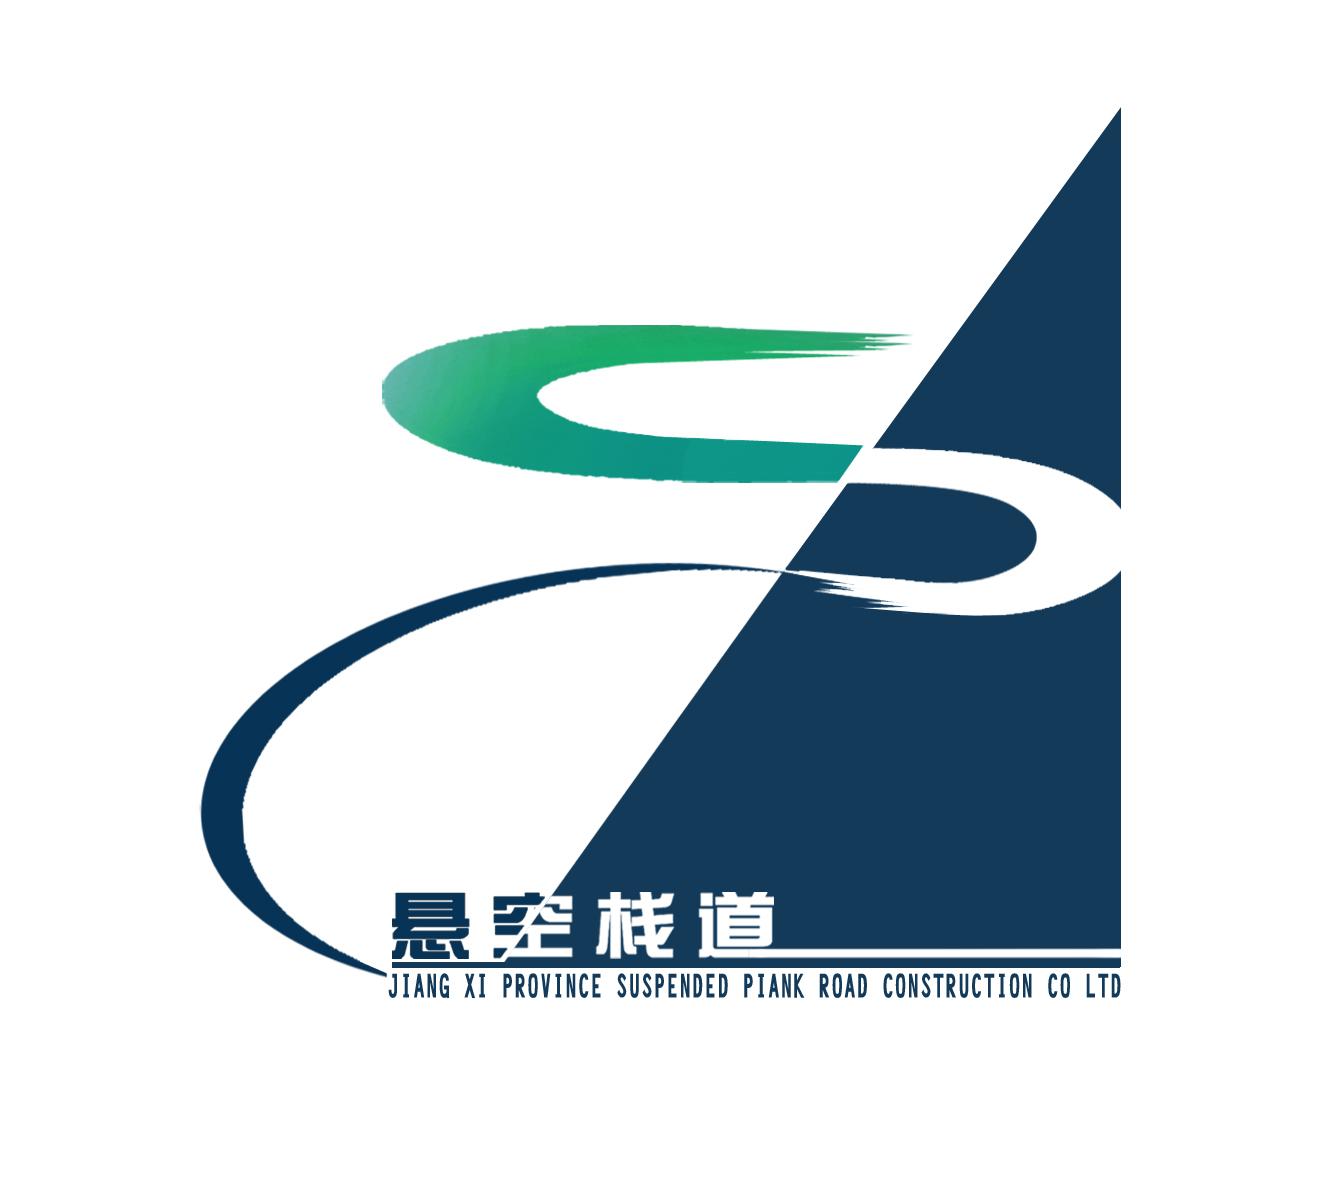 江西省懸空棧道建設有限公司